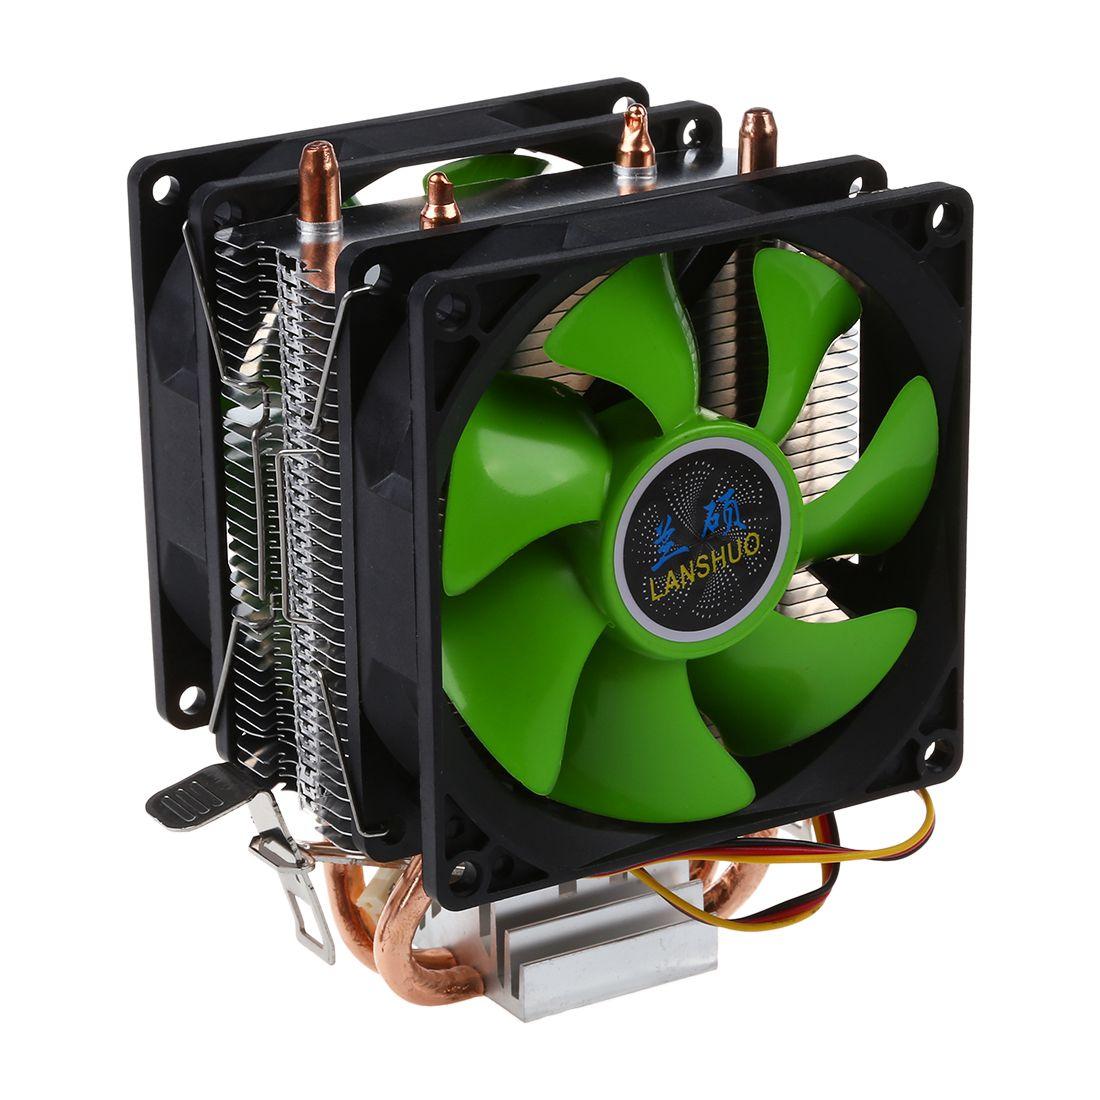 Dual Fan Hydraulische CPU Kühler Heatpipe Fans Kühlkörper Kühler Für Intel LGA775/1156/1155 AMD AM2/AM2 +/AM3/AM4 für Pentium